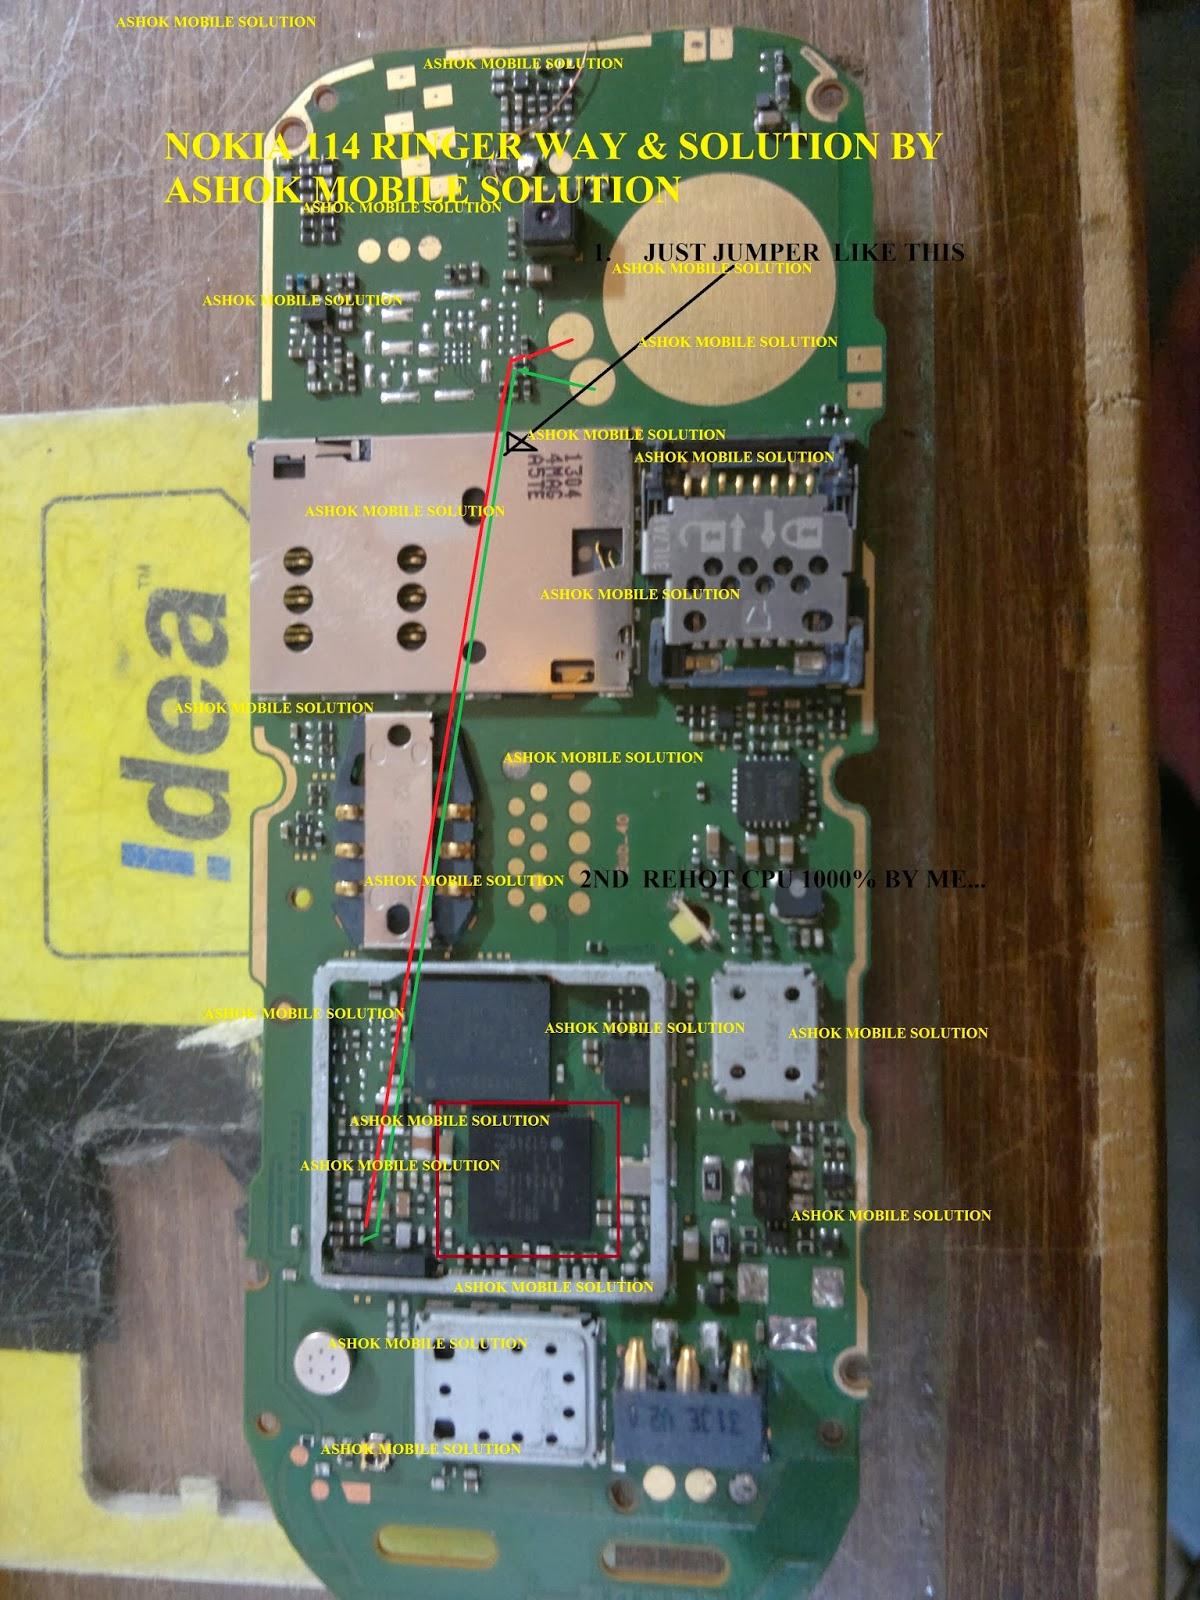 Ashok Mobile Solution: nokia114 ringer solution